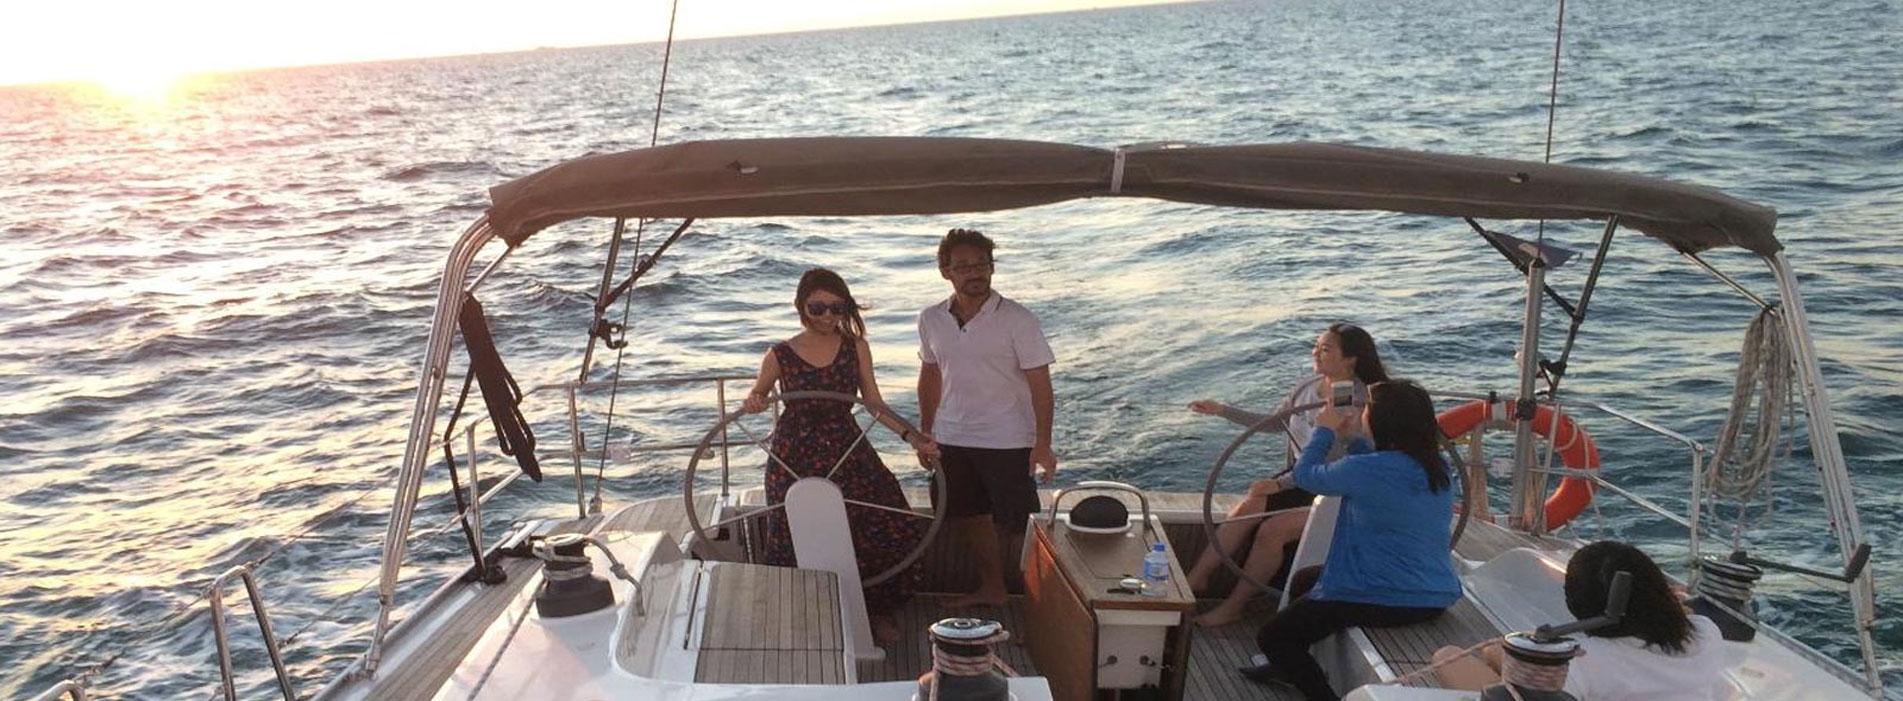 JAZZIA helm boat charters perth wa